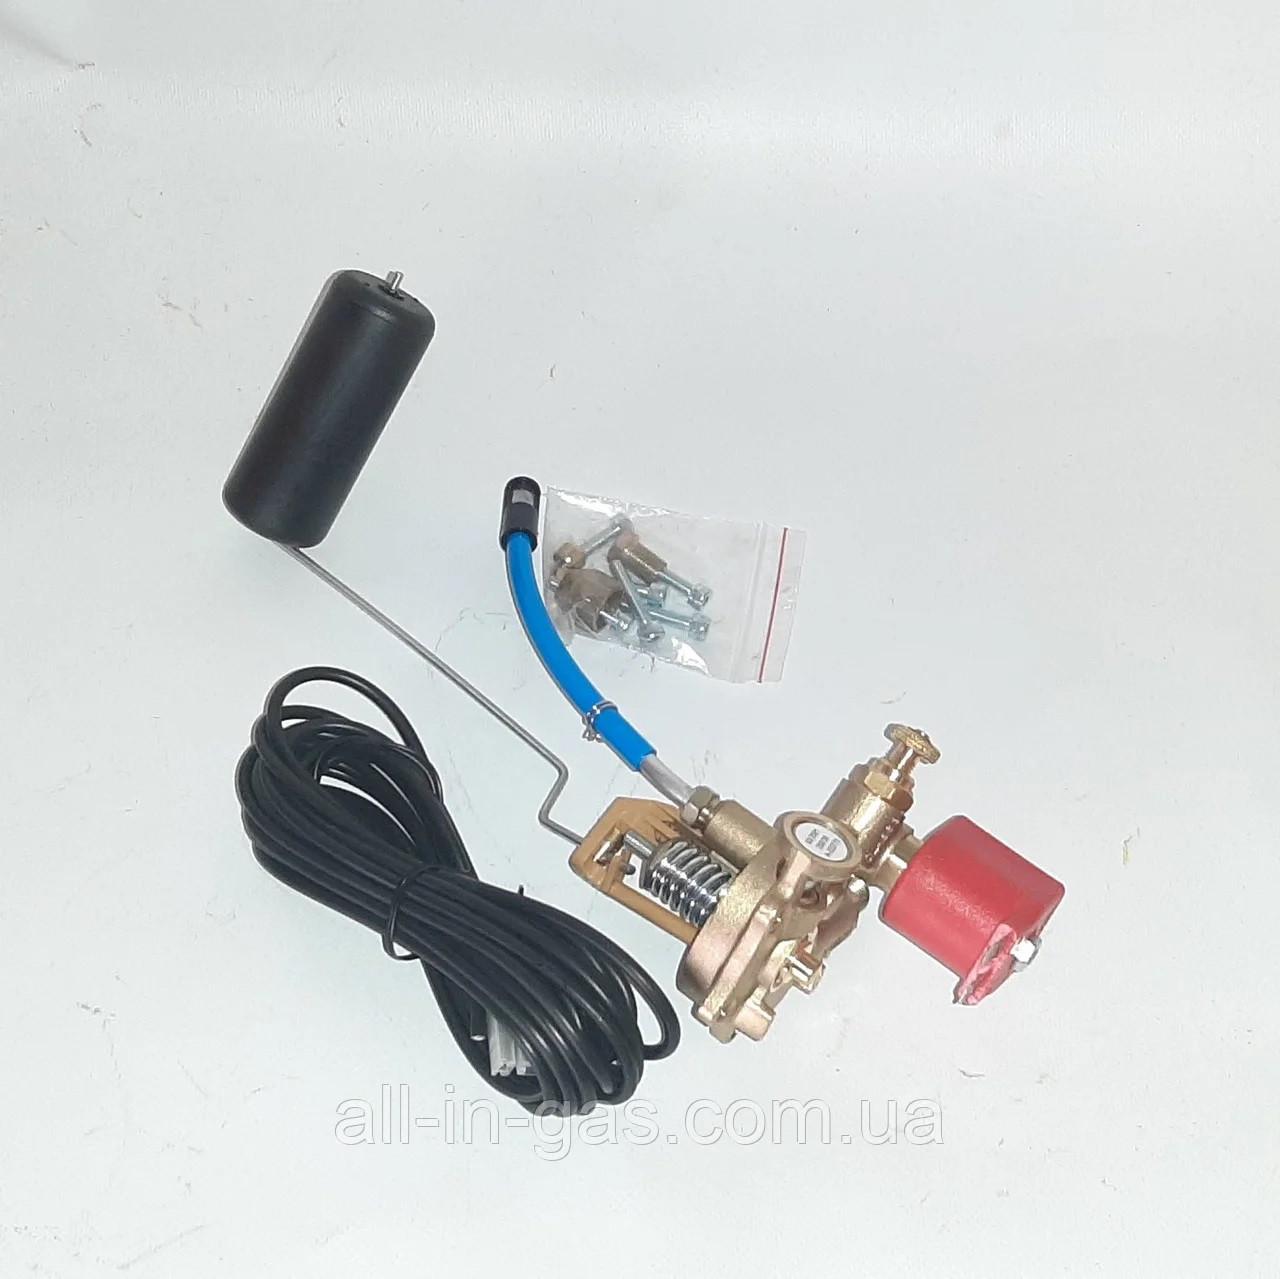 Мультиклапан AstarGas EXTRA ТОР внутренний 220/225 /30 с катушкой M00003 AstarGas